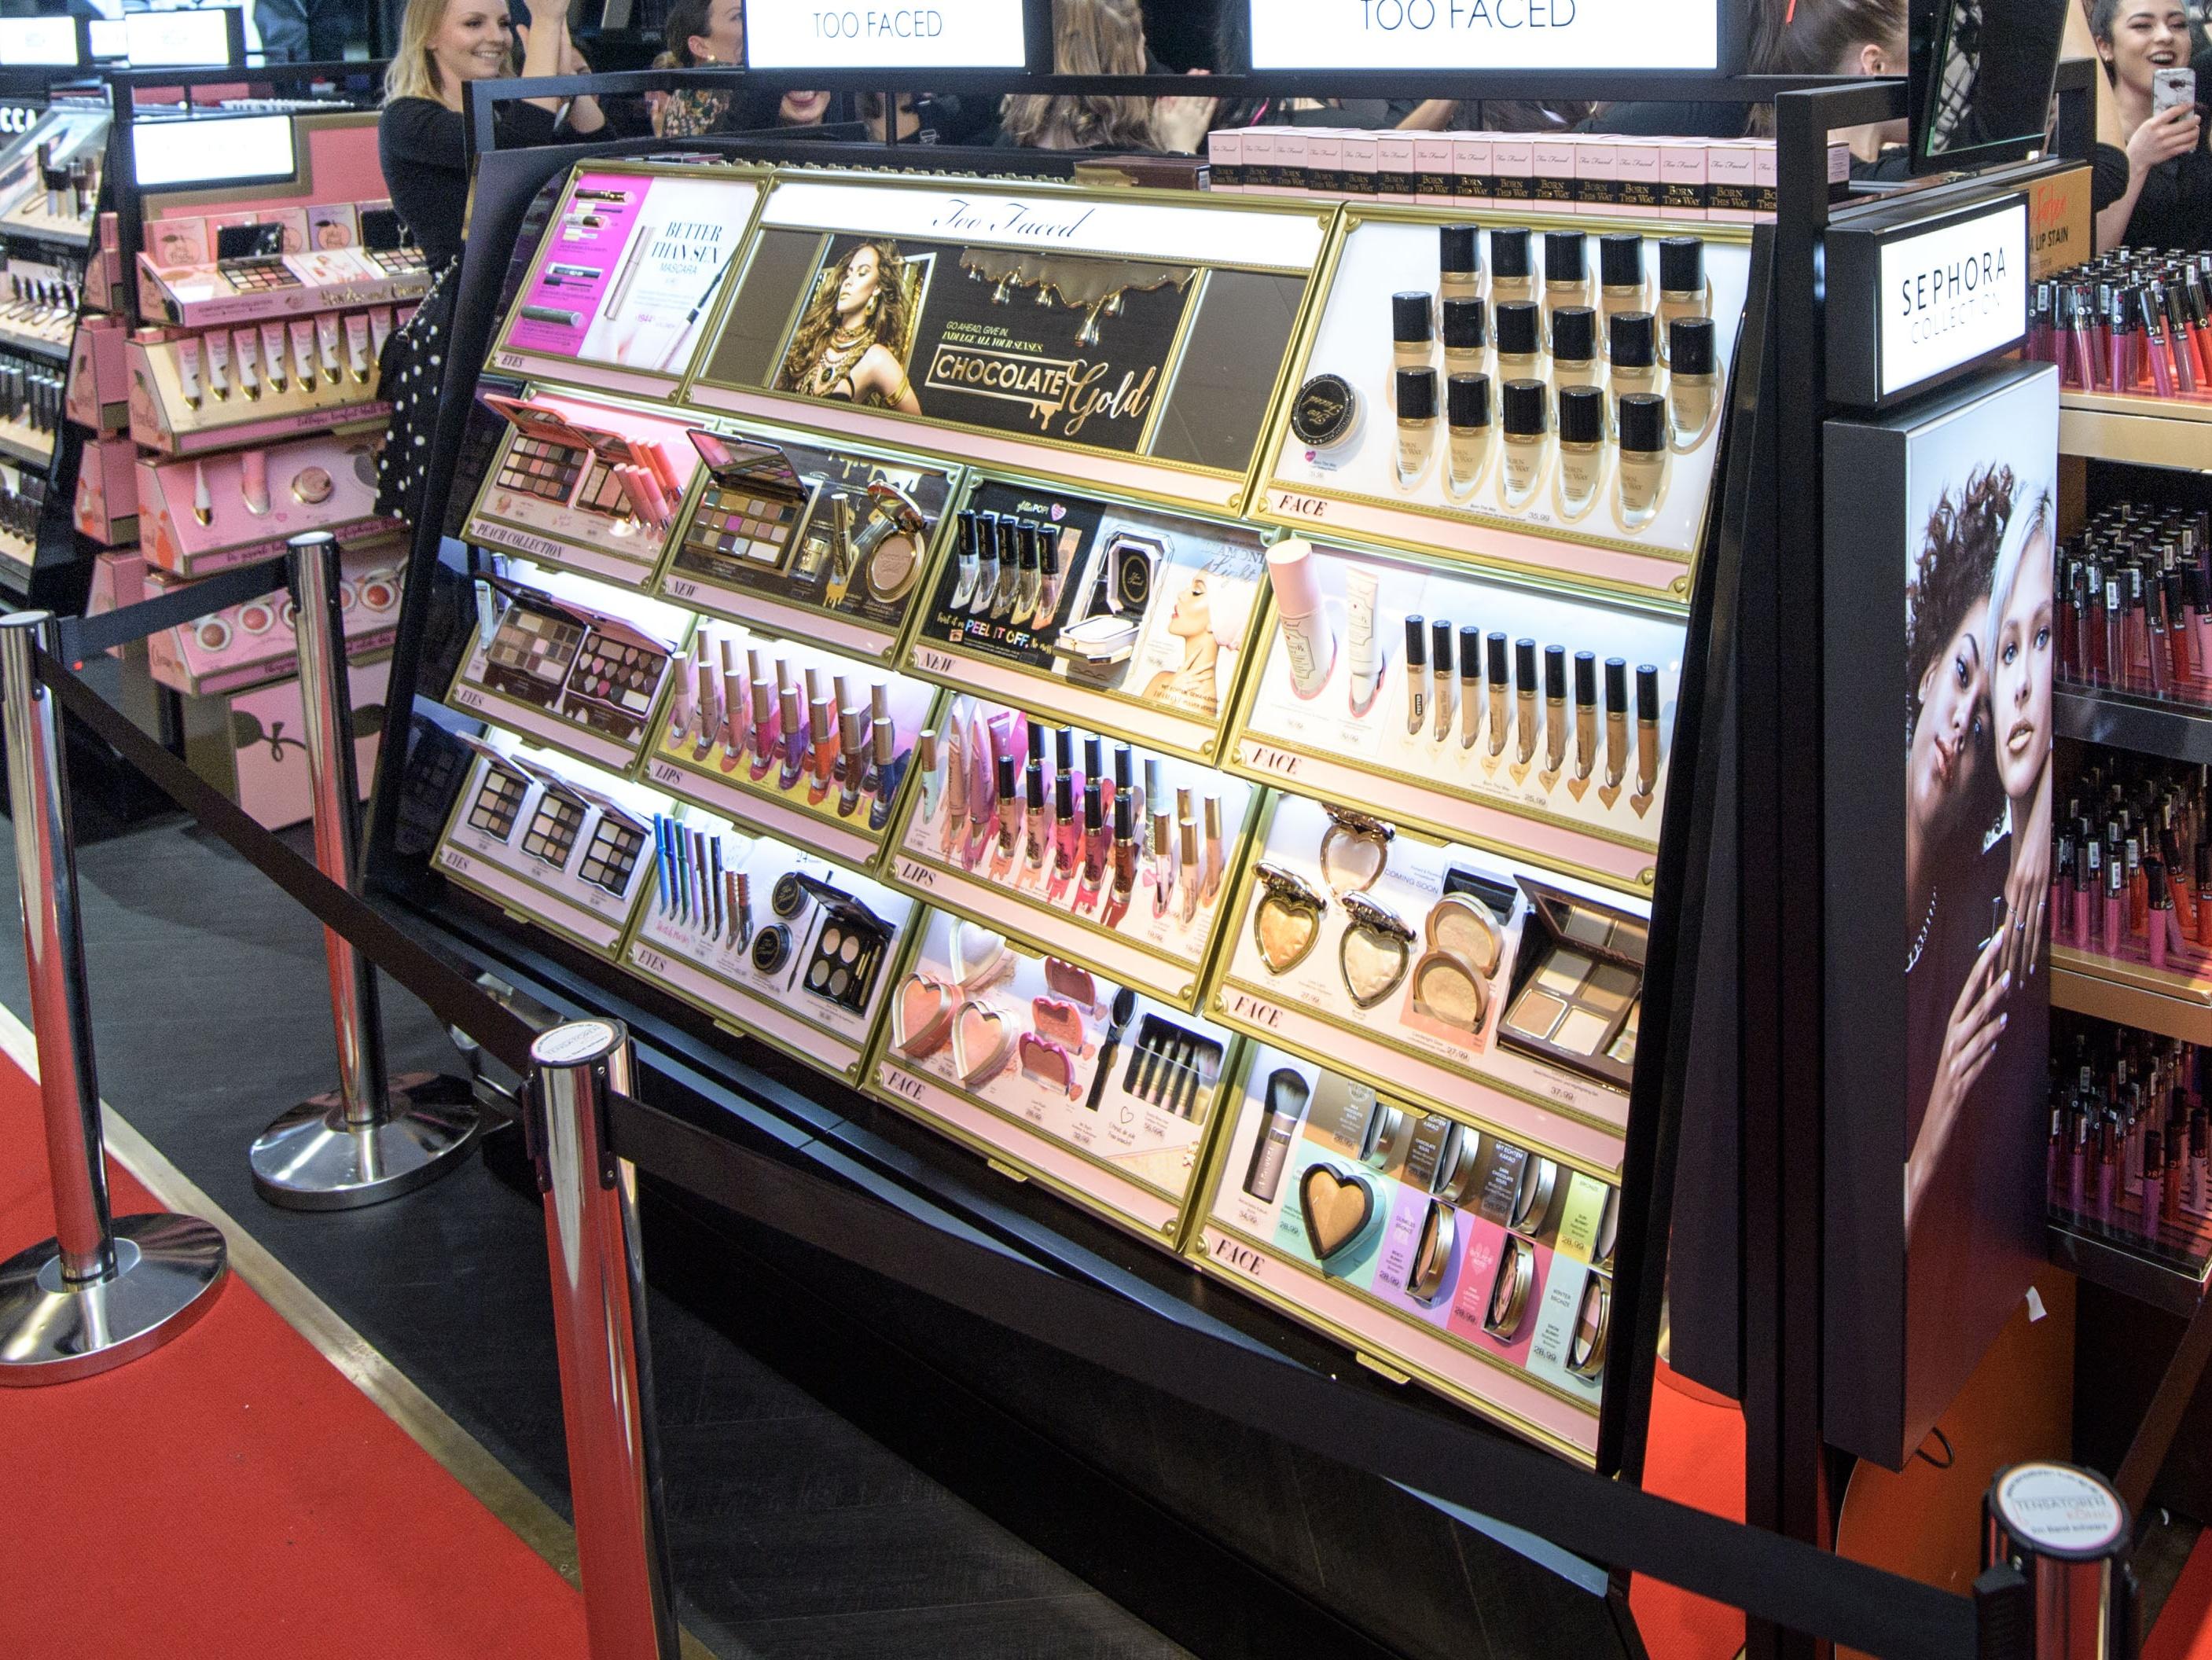 Beauty brands build bigger loyalty programs | SmartBrief